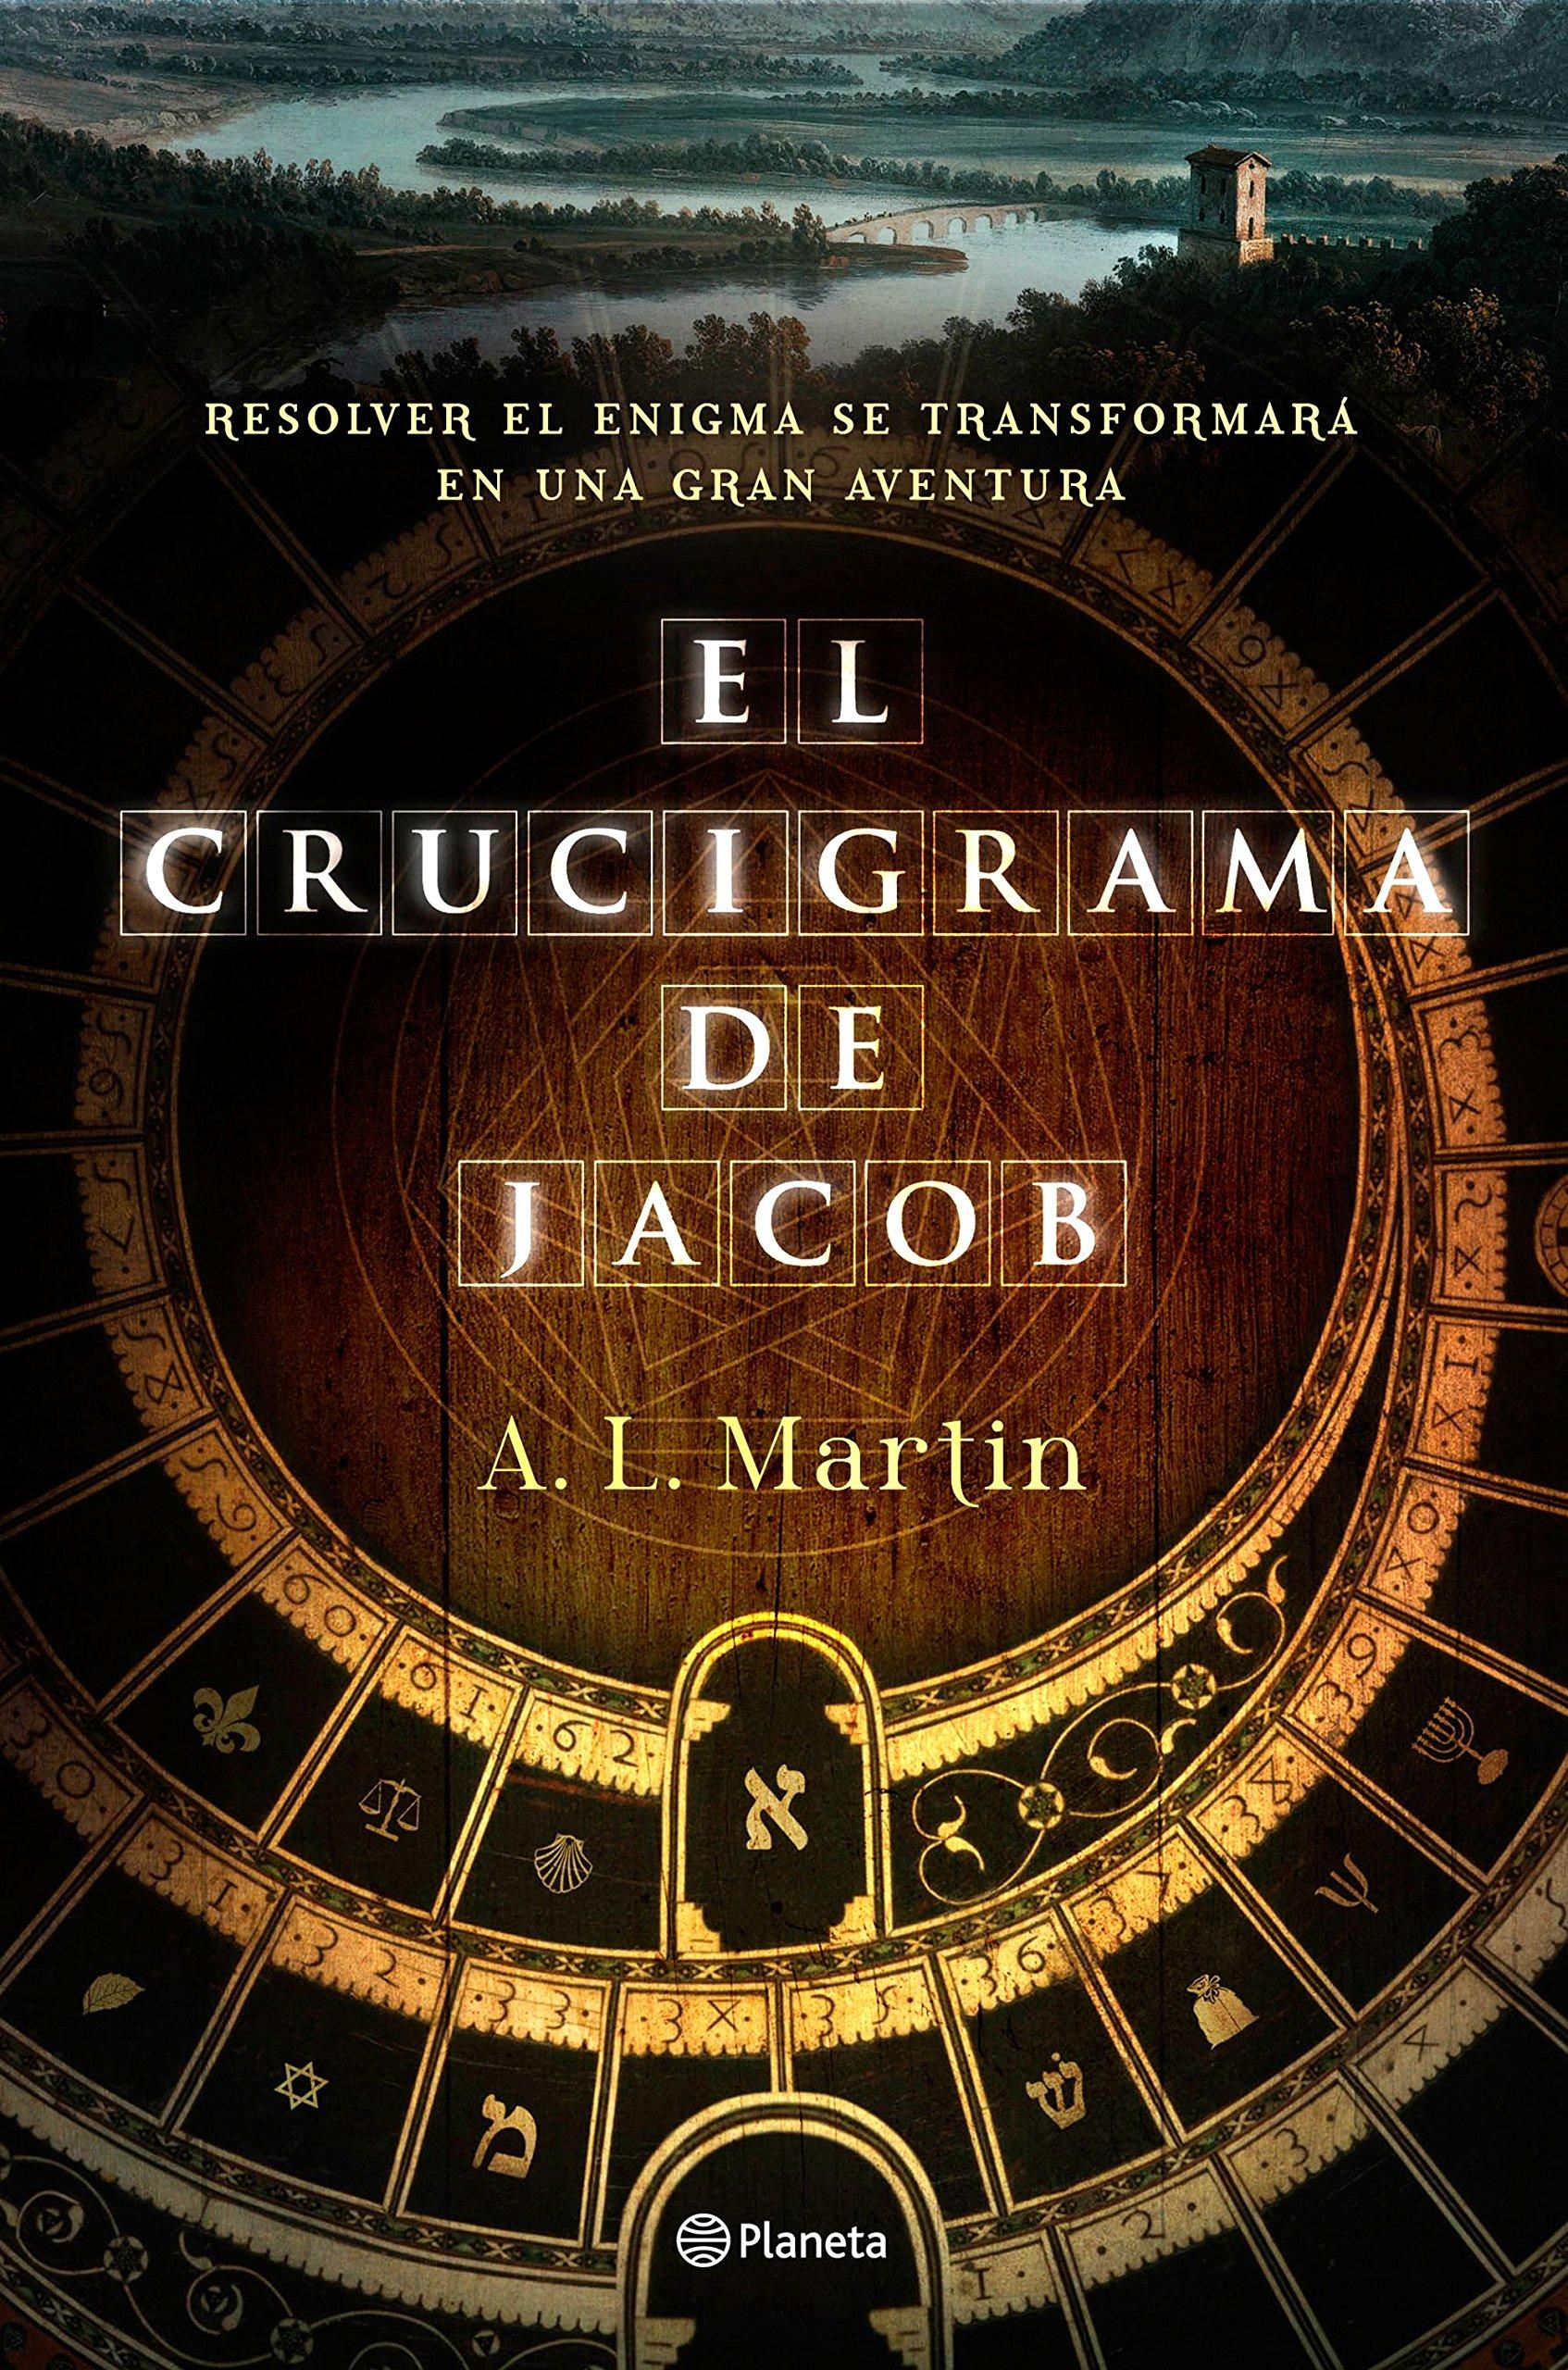 El crucigrama de Jacob Autores Españoles e Iberoamericanos: Amazon.es: A.L. Martin: Libros